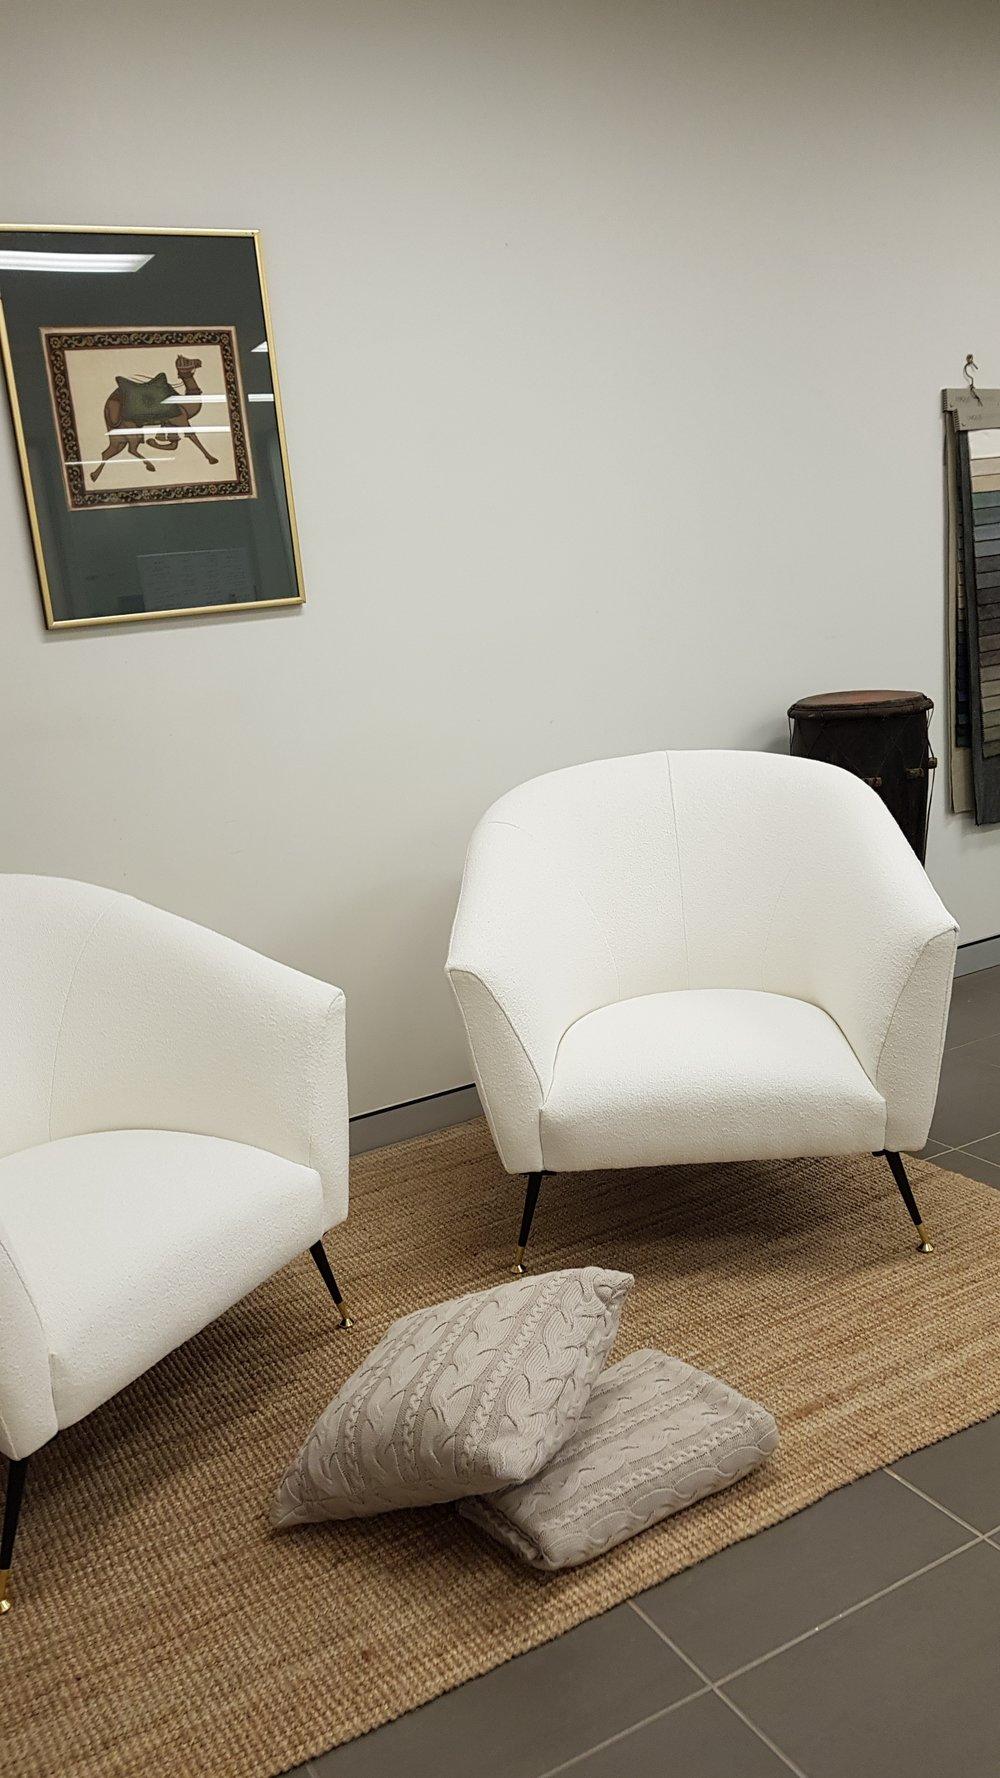 Bespoke pair of Chairs